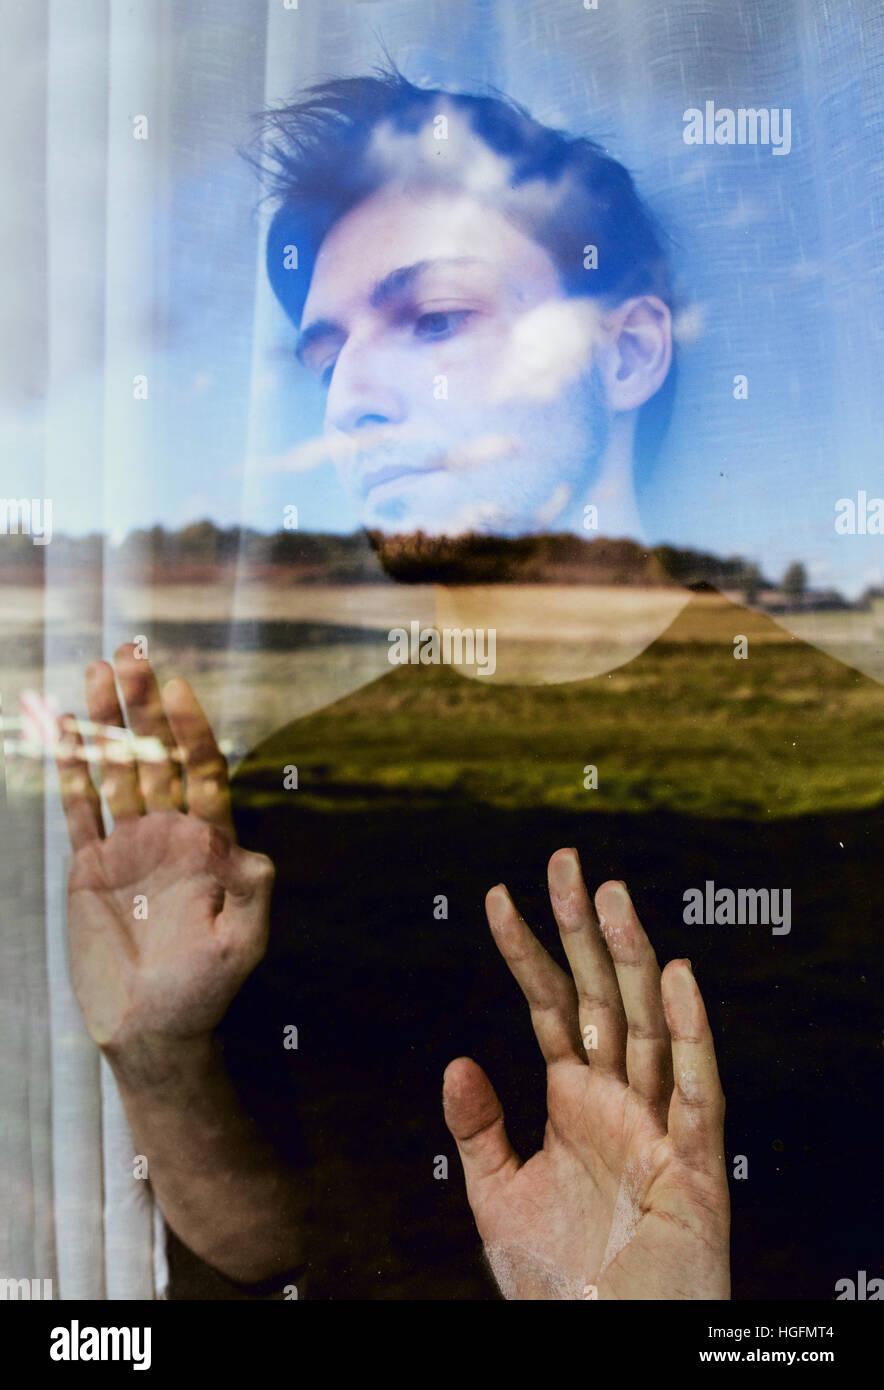 Joven soñando con la libertad mirando por una ventana Imagen De Stock